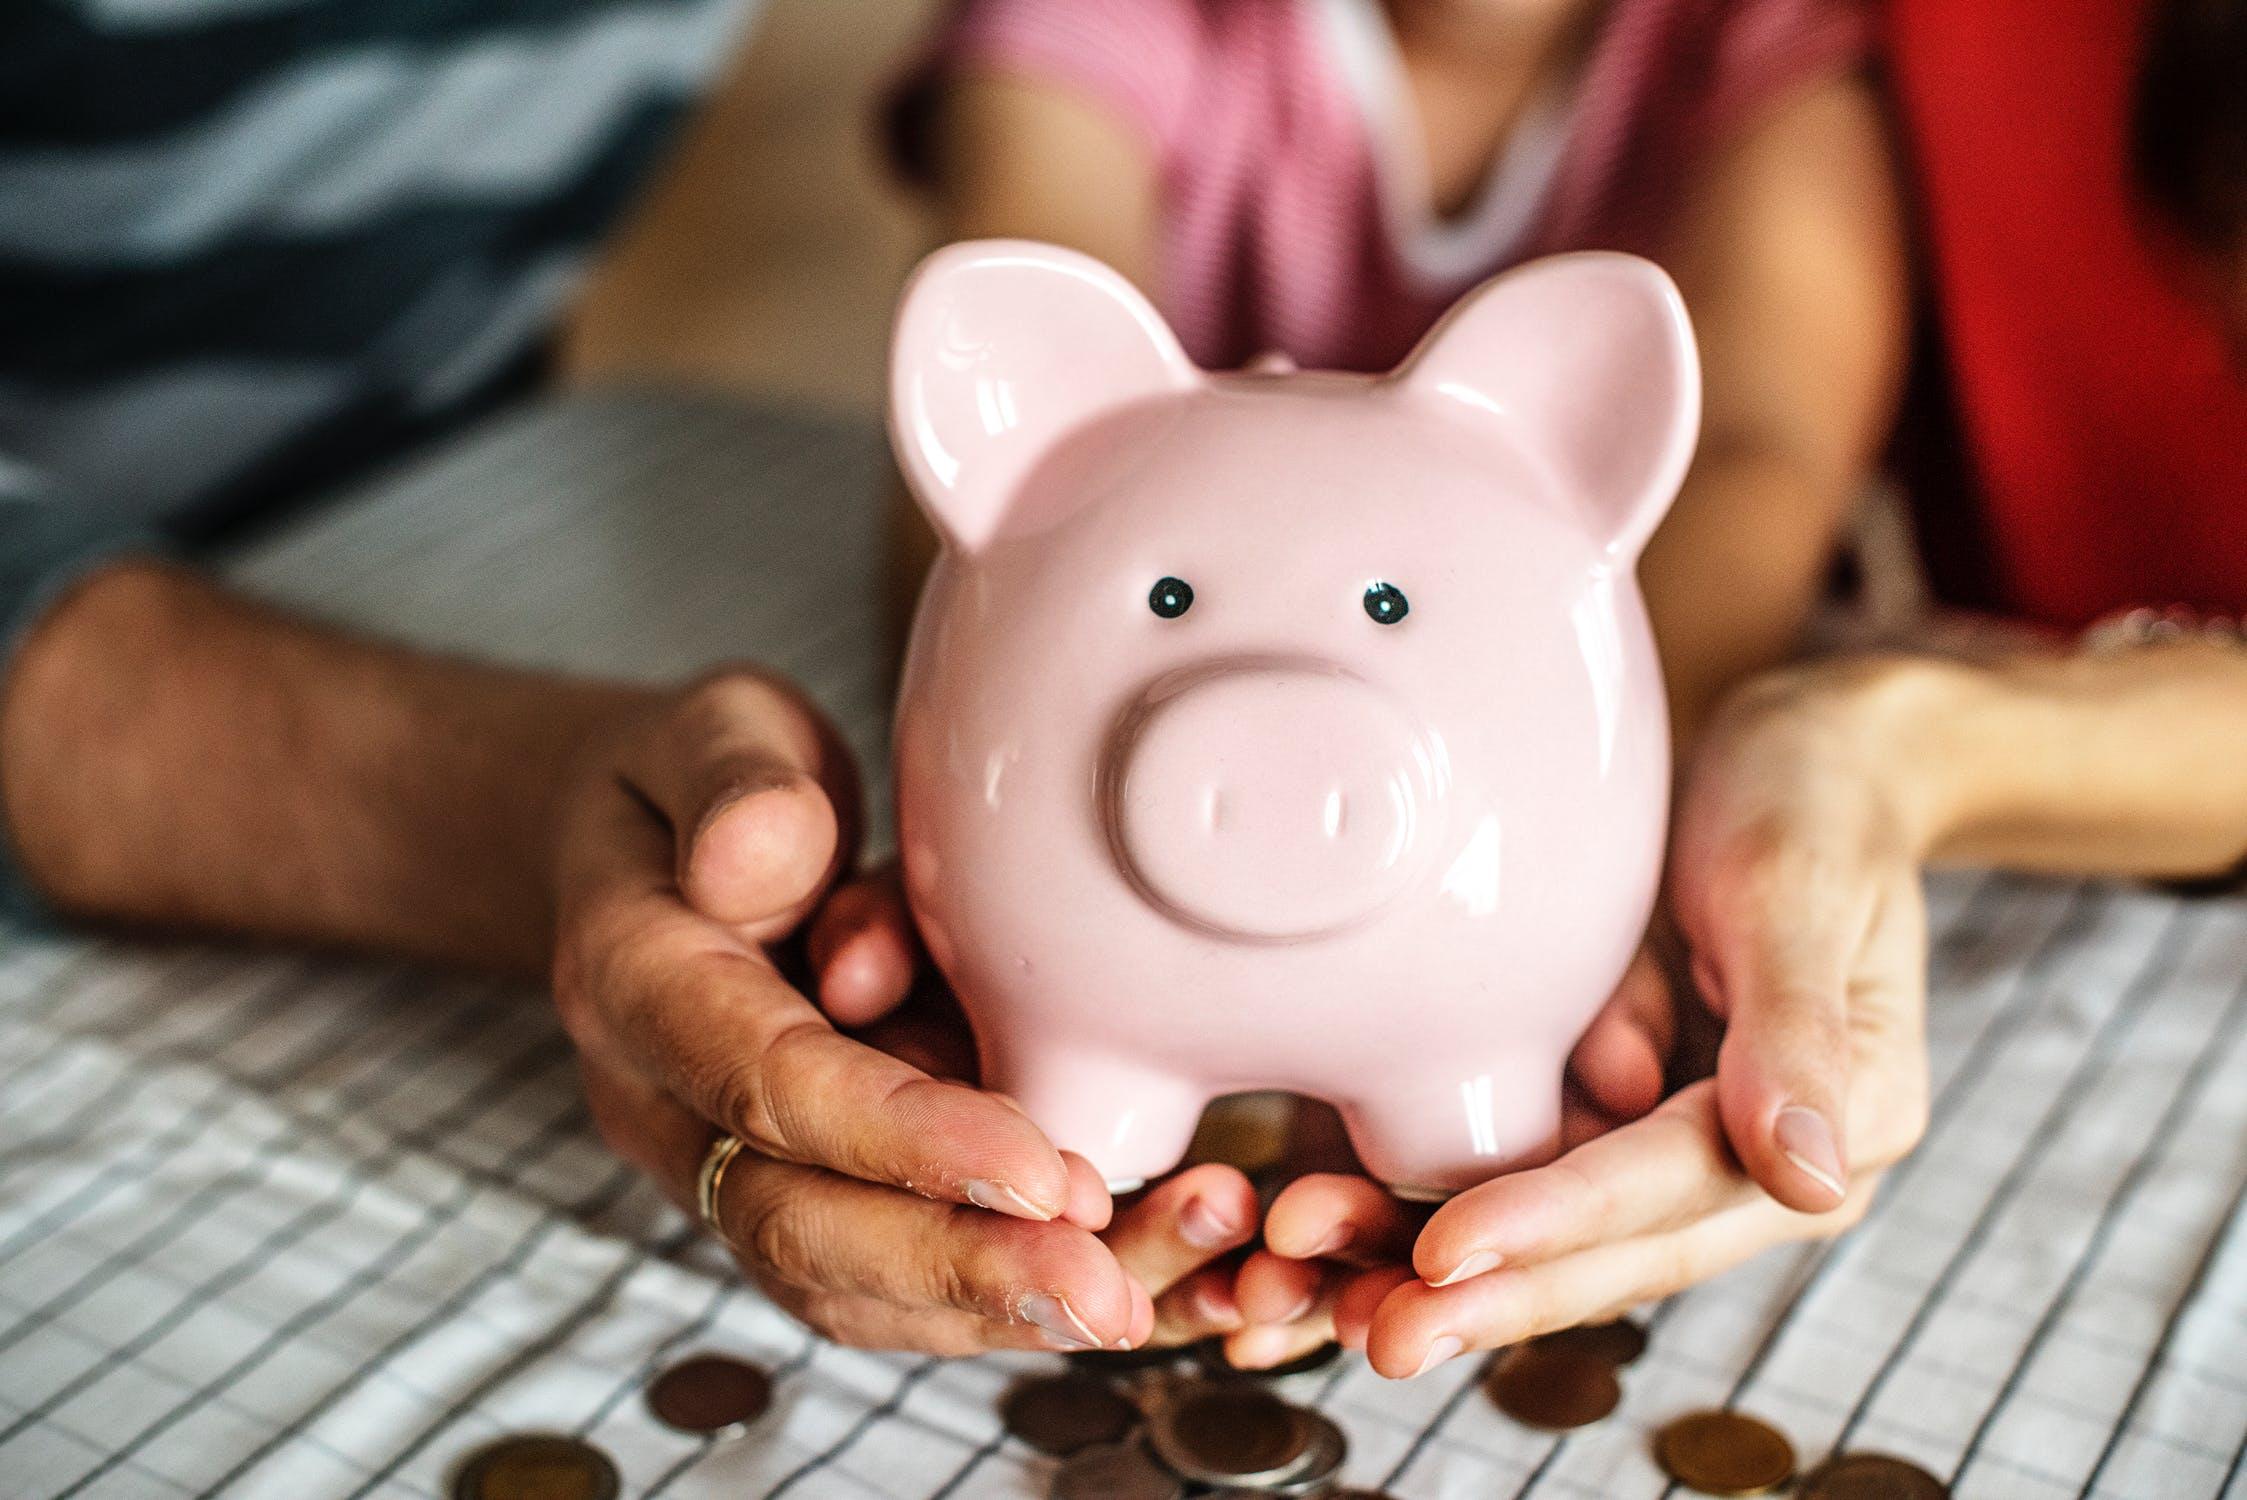 kā nopelnīt naudu, samainot naudu ieguldot tirgotājiem binārās iespējas